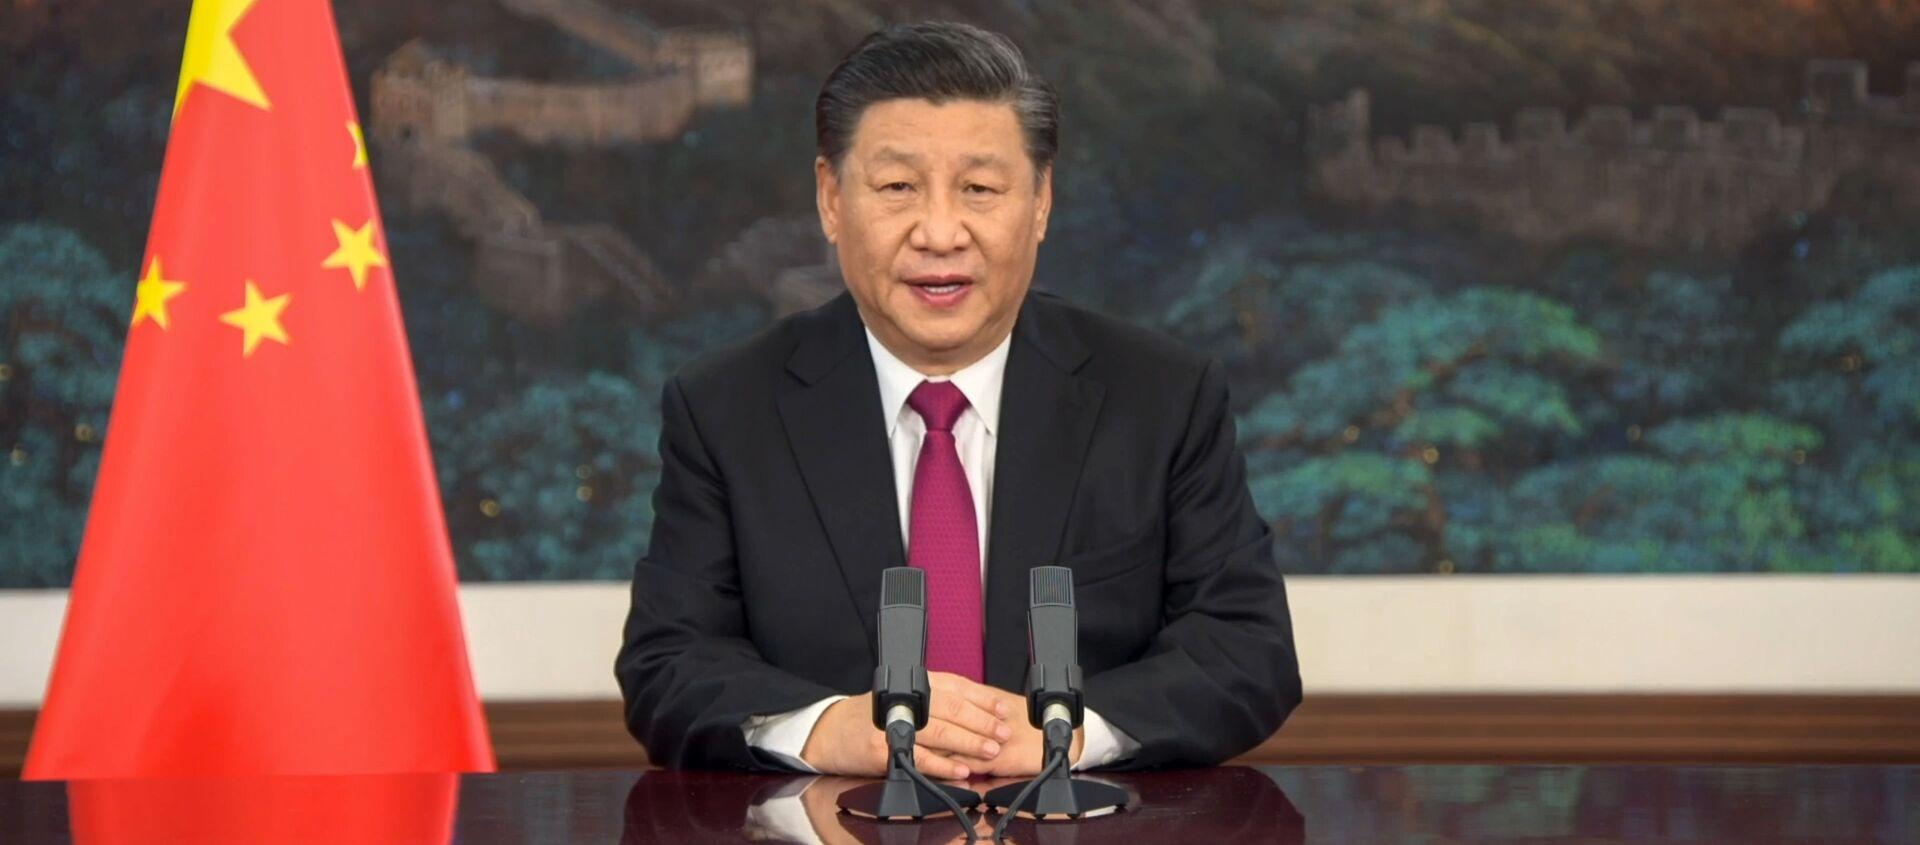 Chủ tịch Trung Quốc Tập Cận Bình phát biểu tại Diễn đàn Kinh tế Thế giới - Sputnik Việt Nam, 1920, 25.01.2021